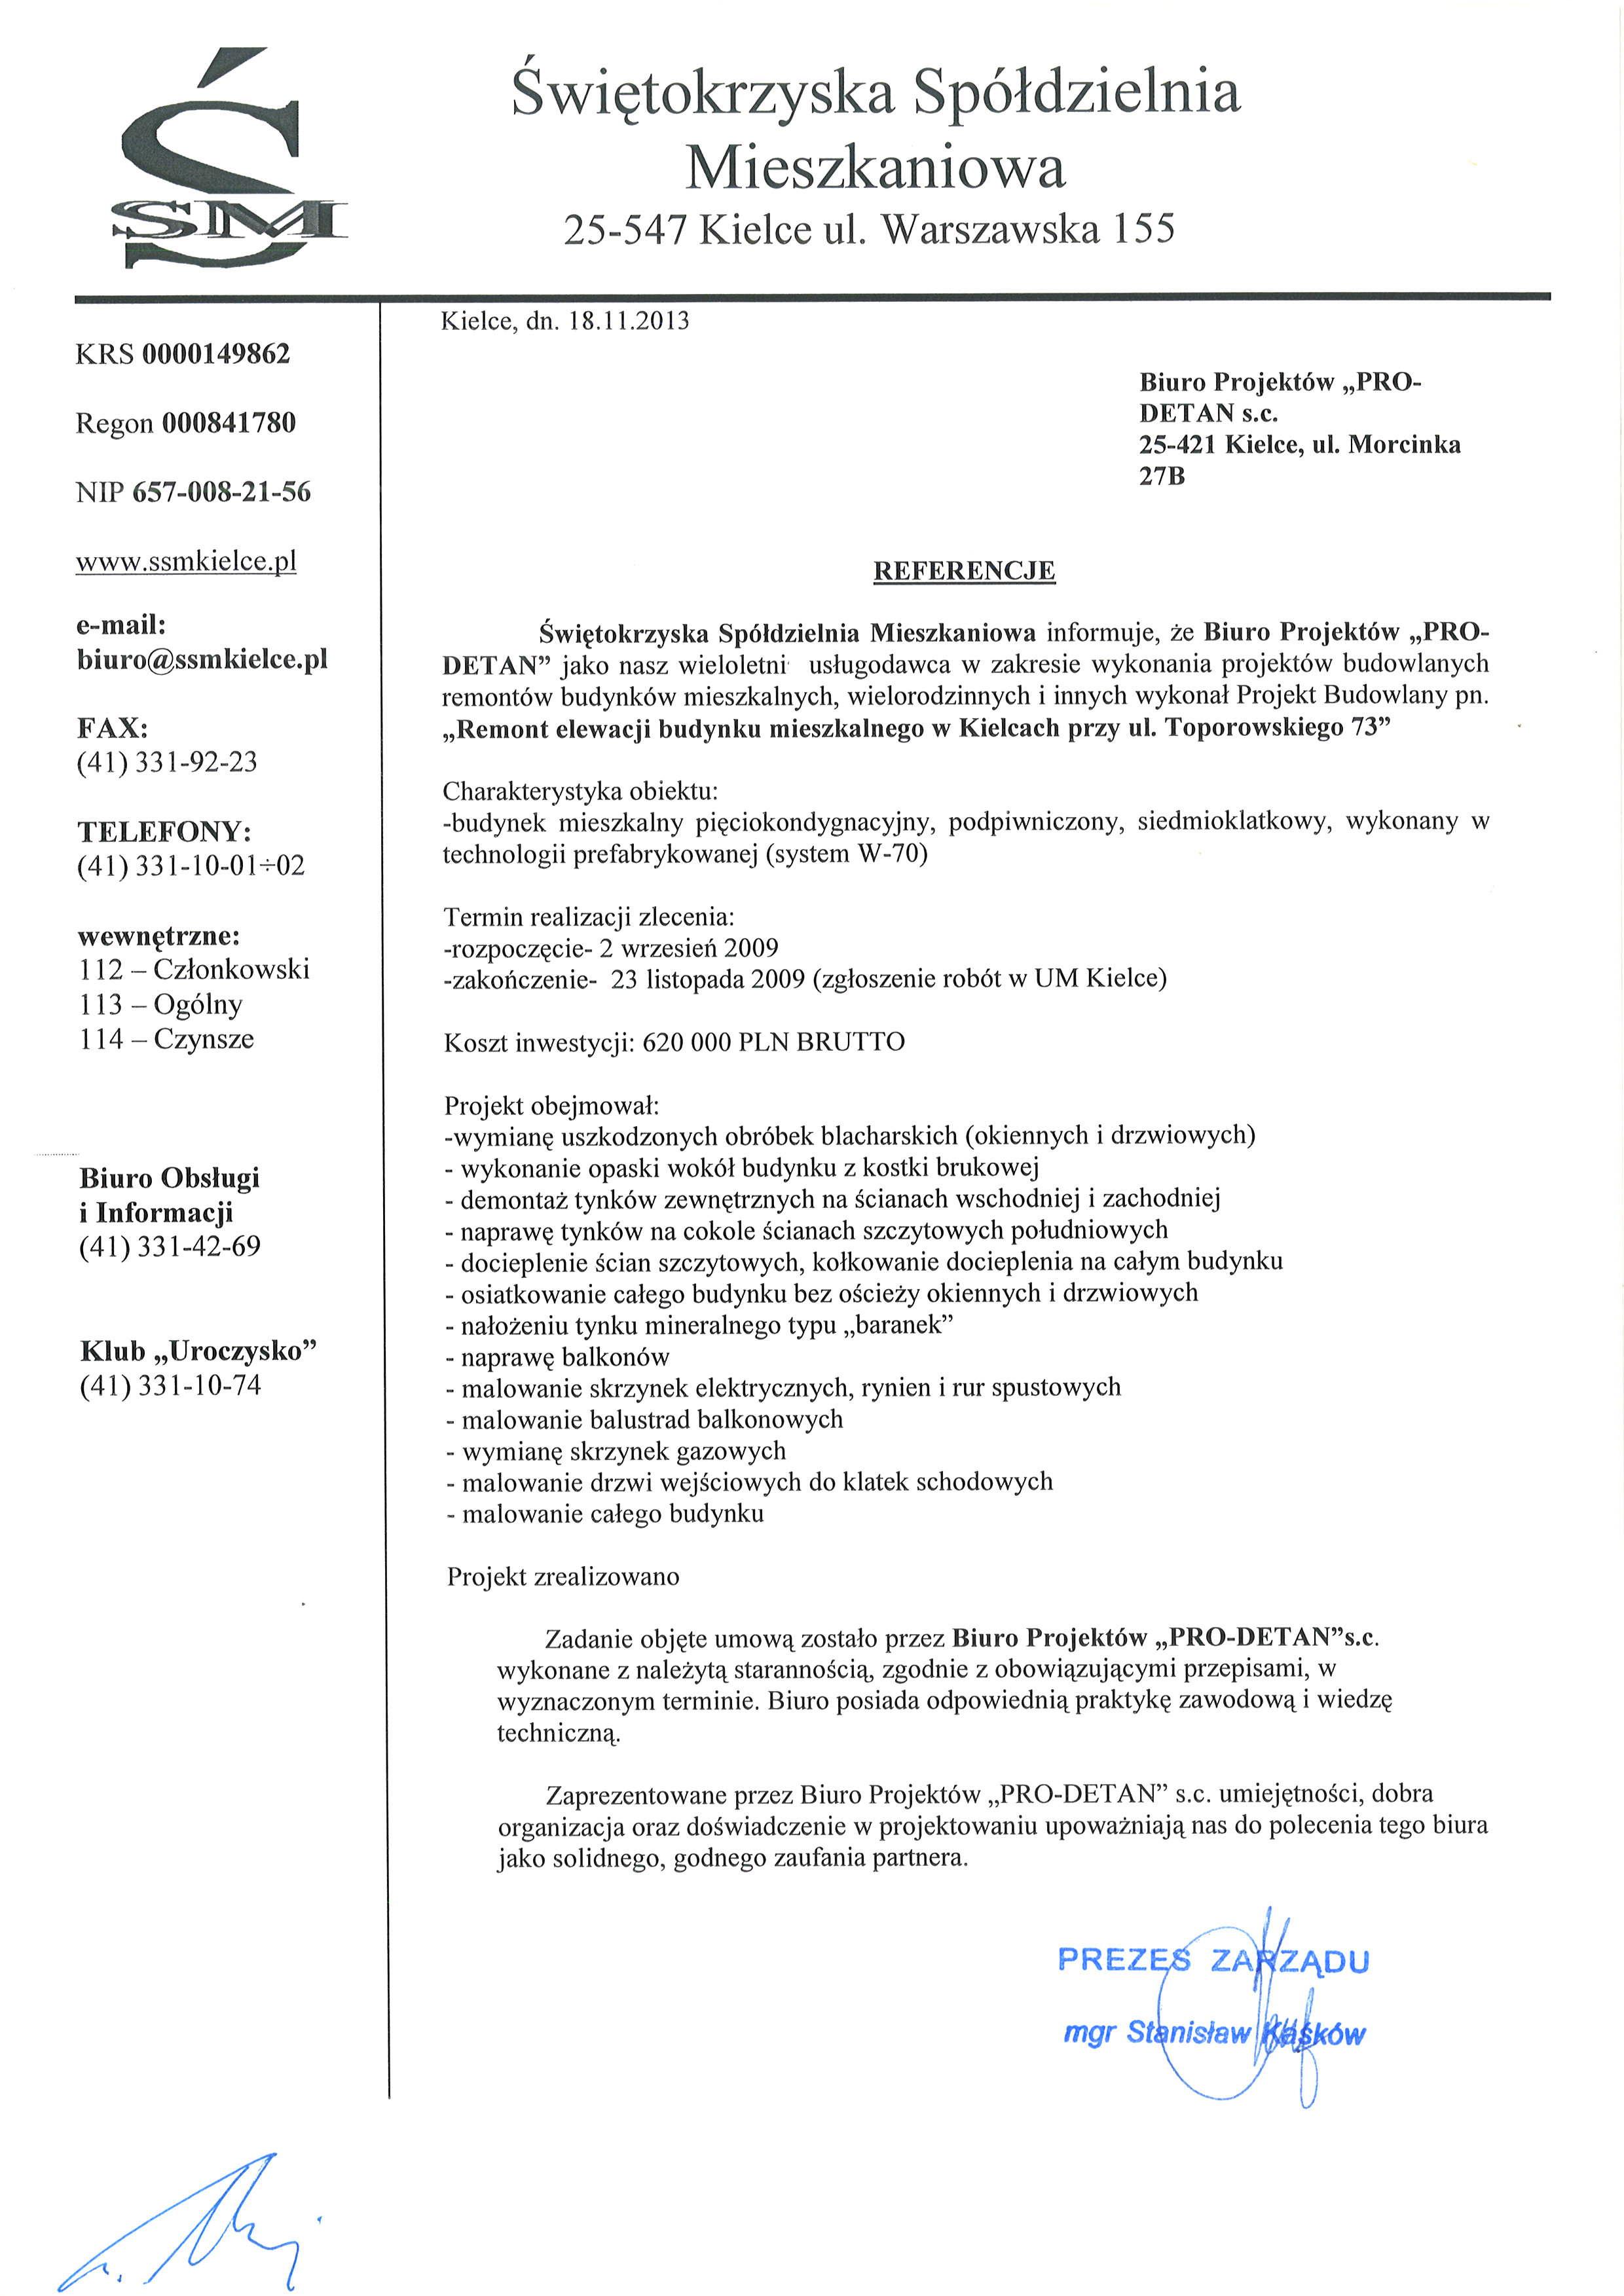 referencje ul. Toporowskiego 73